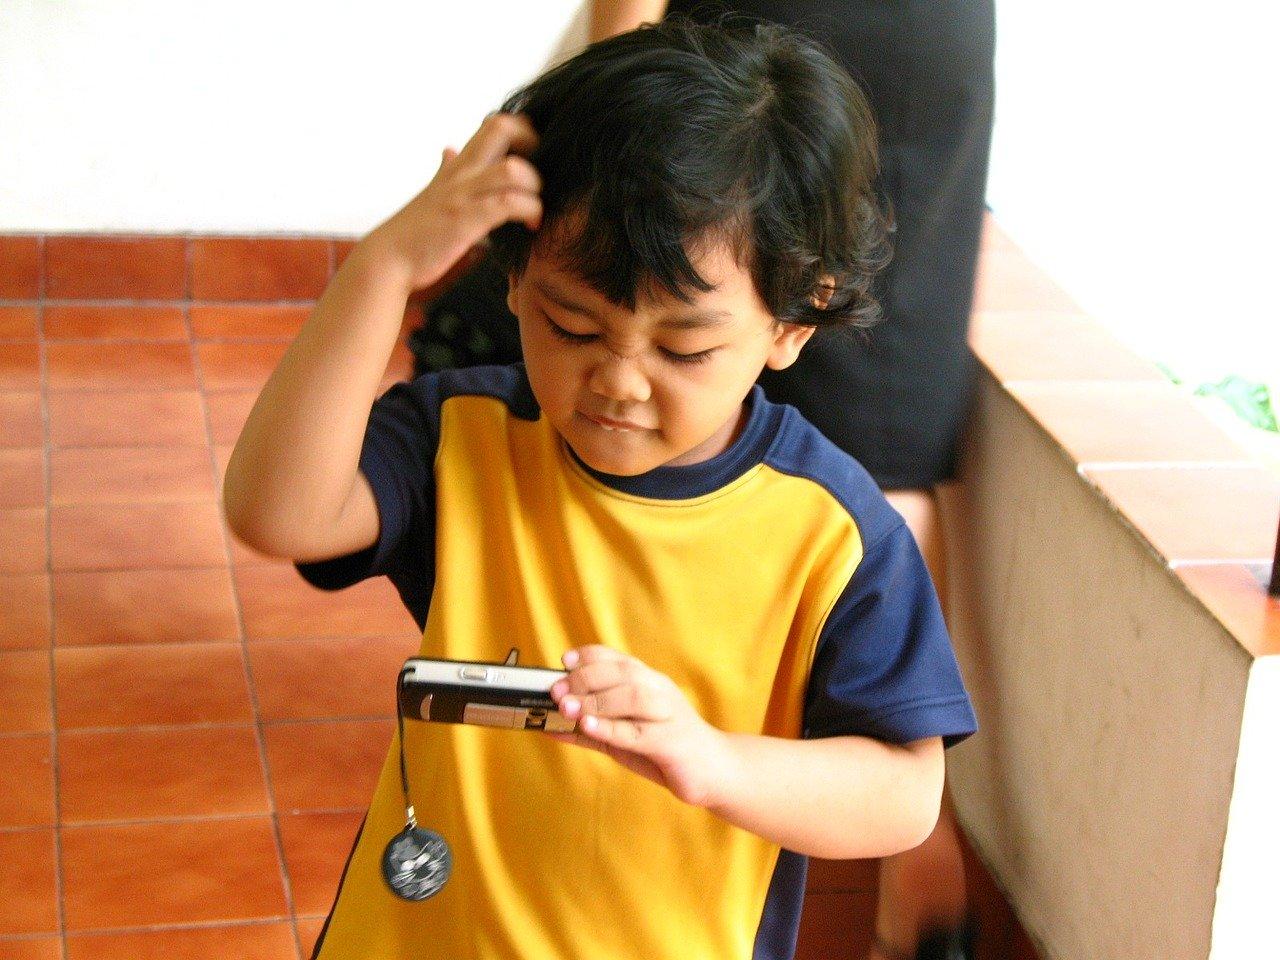 boy-61171_1280